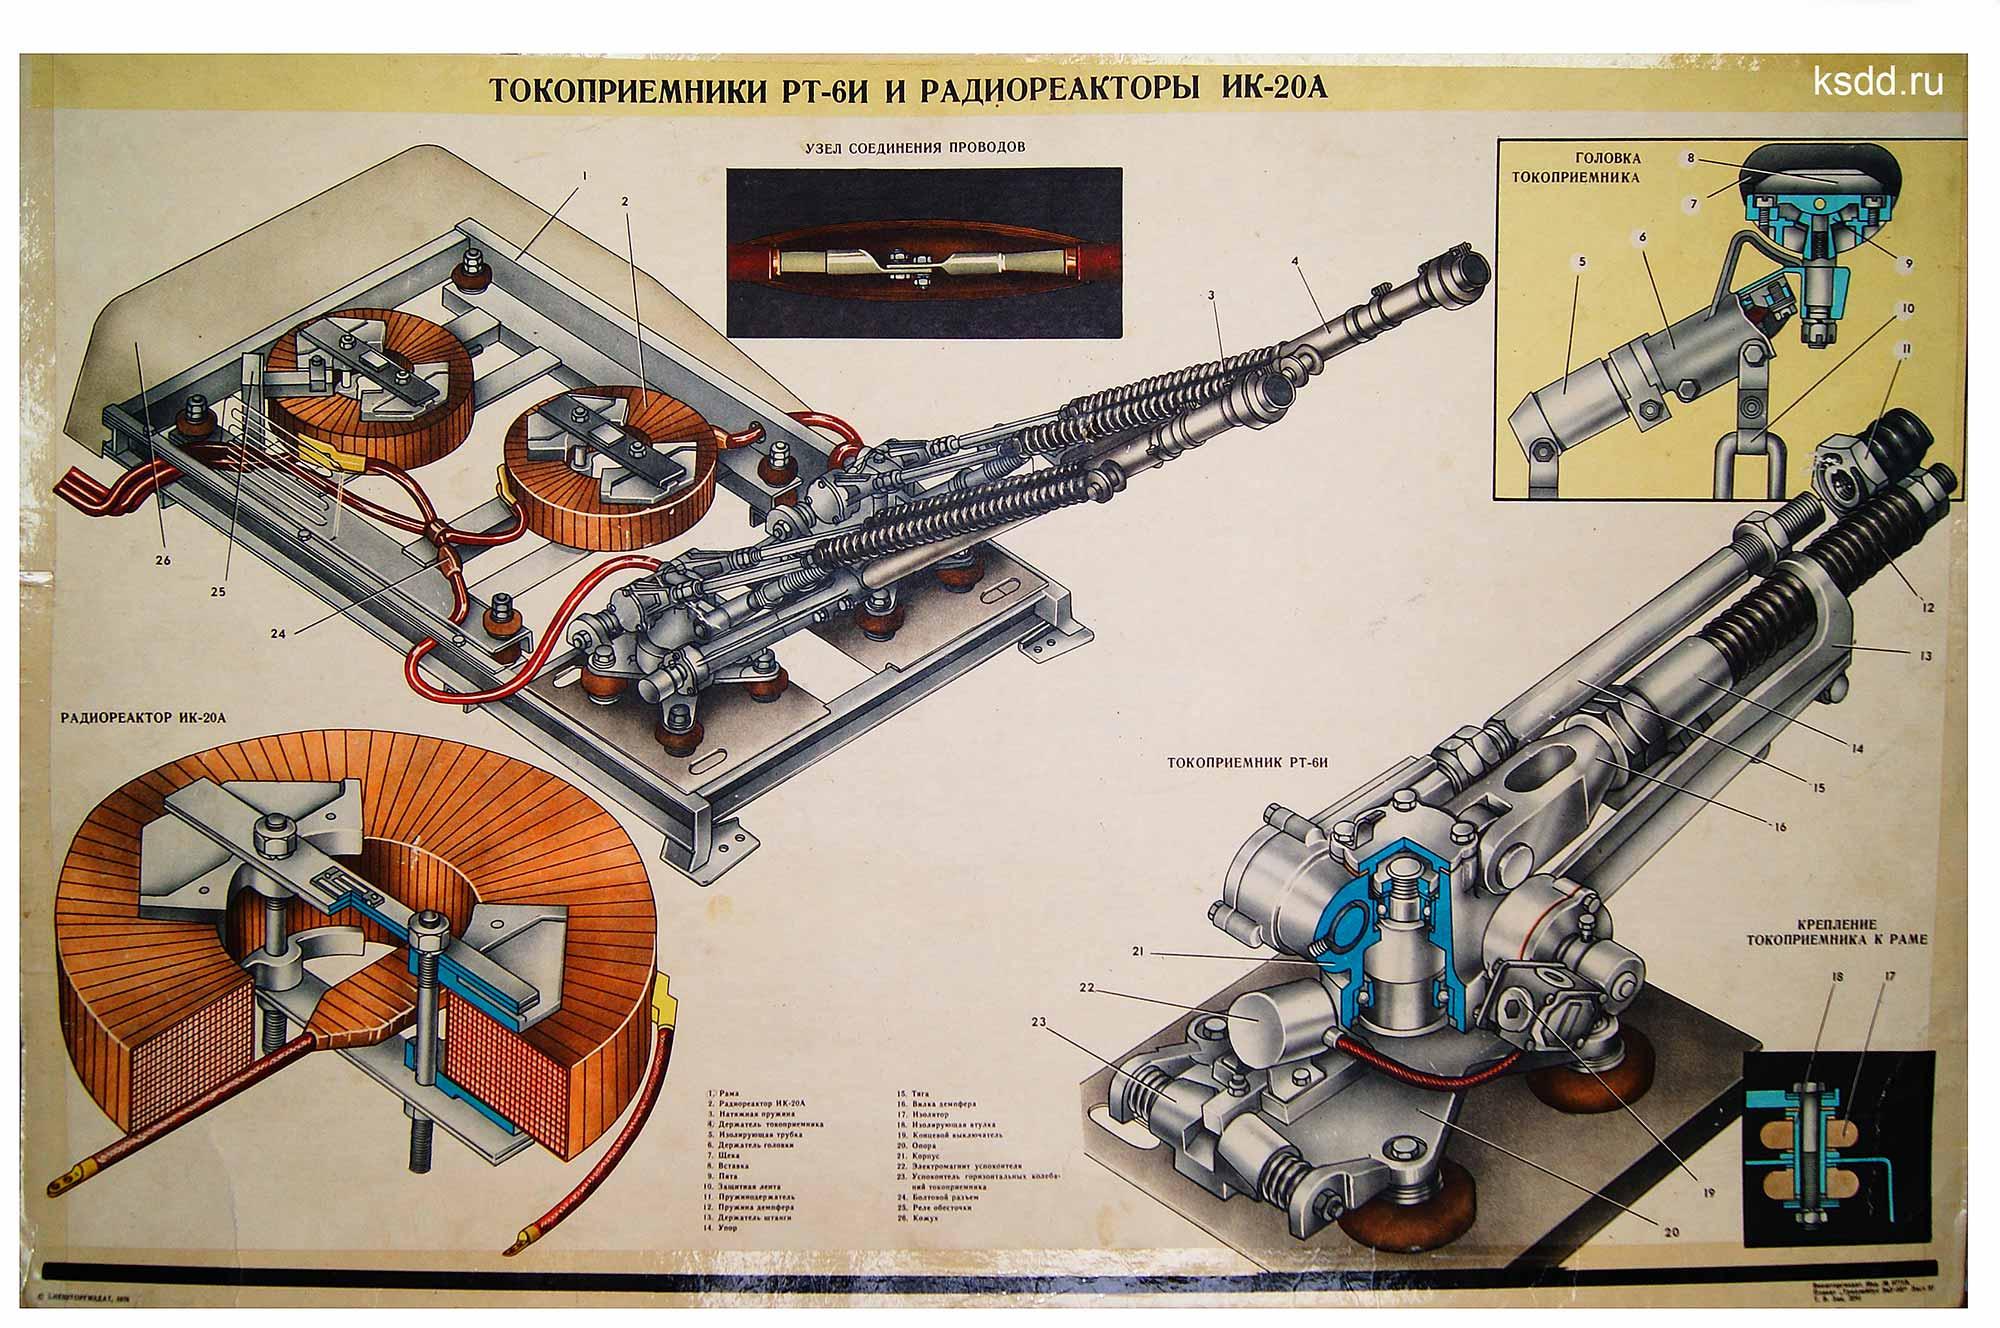 24.-Токоприемники-РТ-6И-и-Радиореакторы-ИК-20А